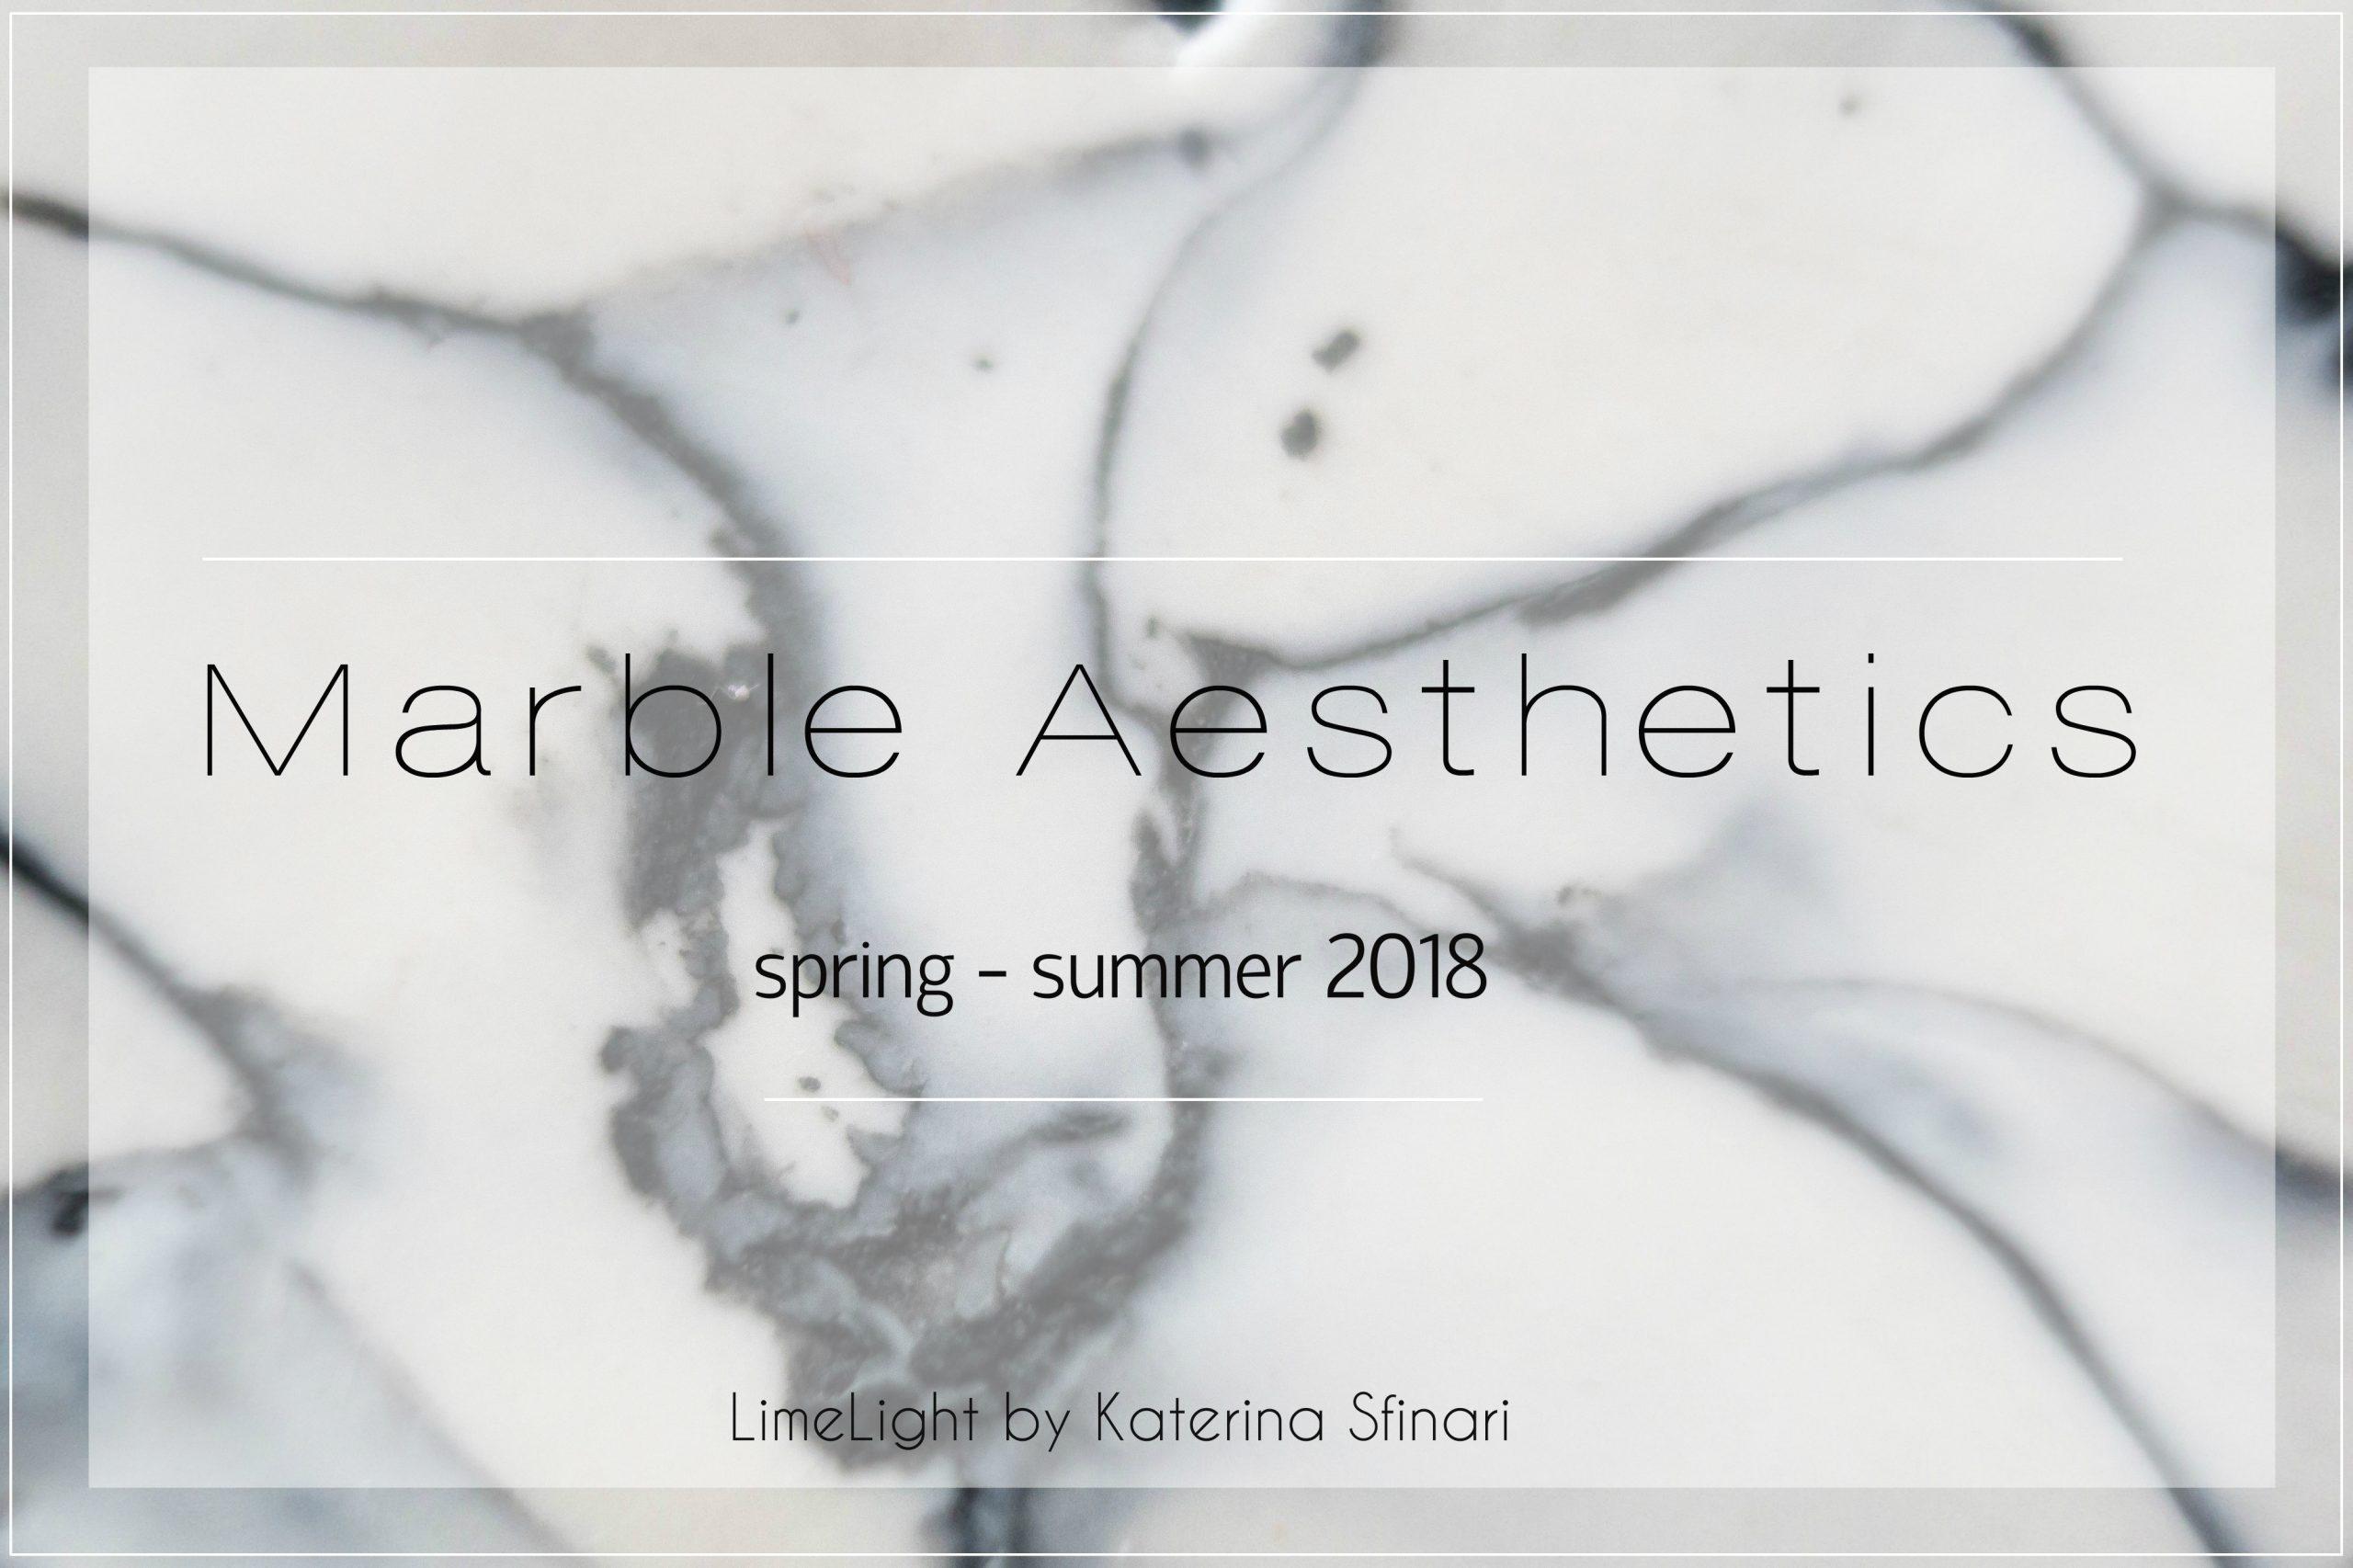 Εκκεντρικά γεωμετρικά χειροποίητα σκουλαρίκια από τη συλλογή Marble Aesthetics | Χειροποίητα κοσμήματα LimeLight By katerina sfinari